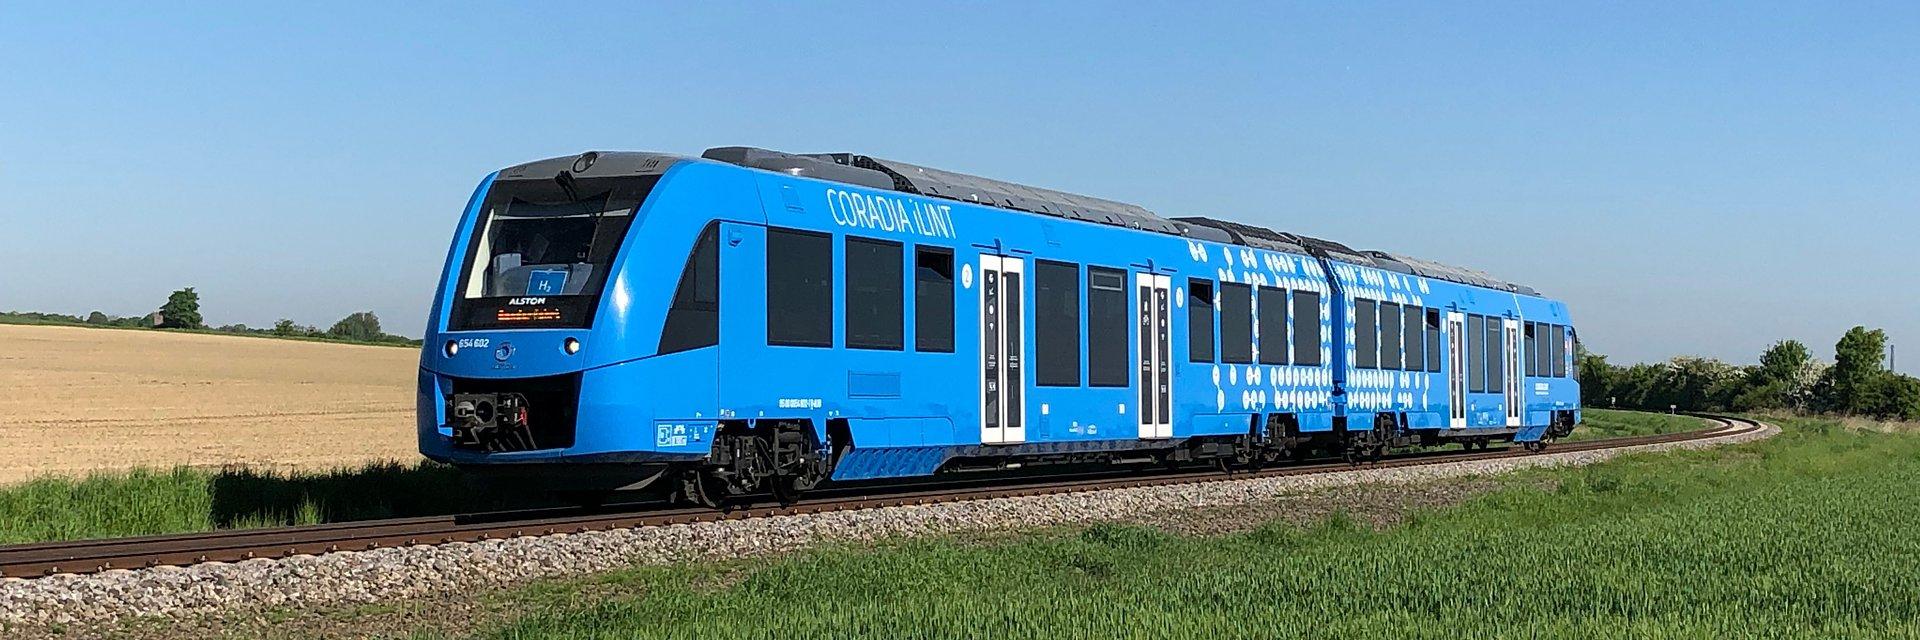 Półtora roku udanej eksploatacji nadzorowanej dwóch pierwszych pociągów wodorowych na świecie.